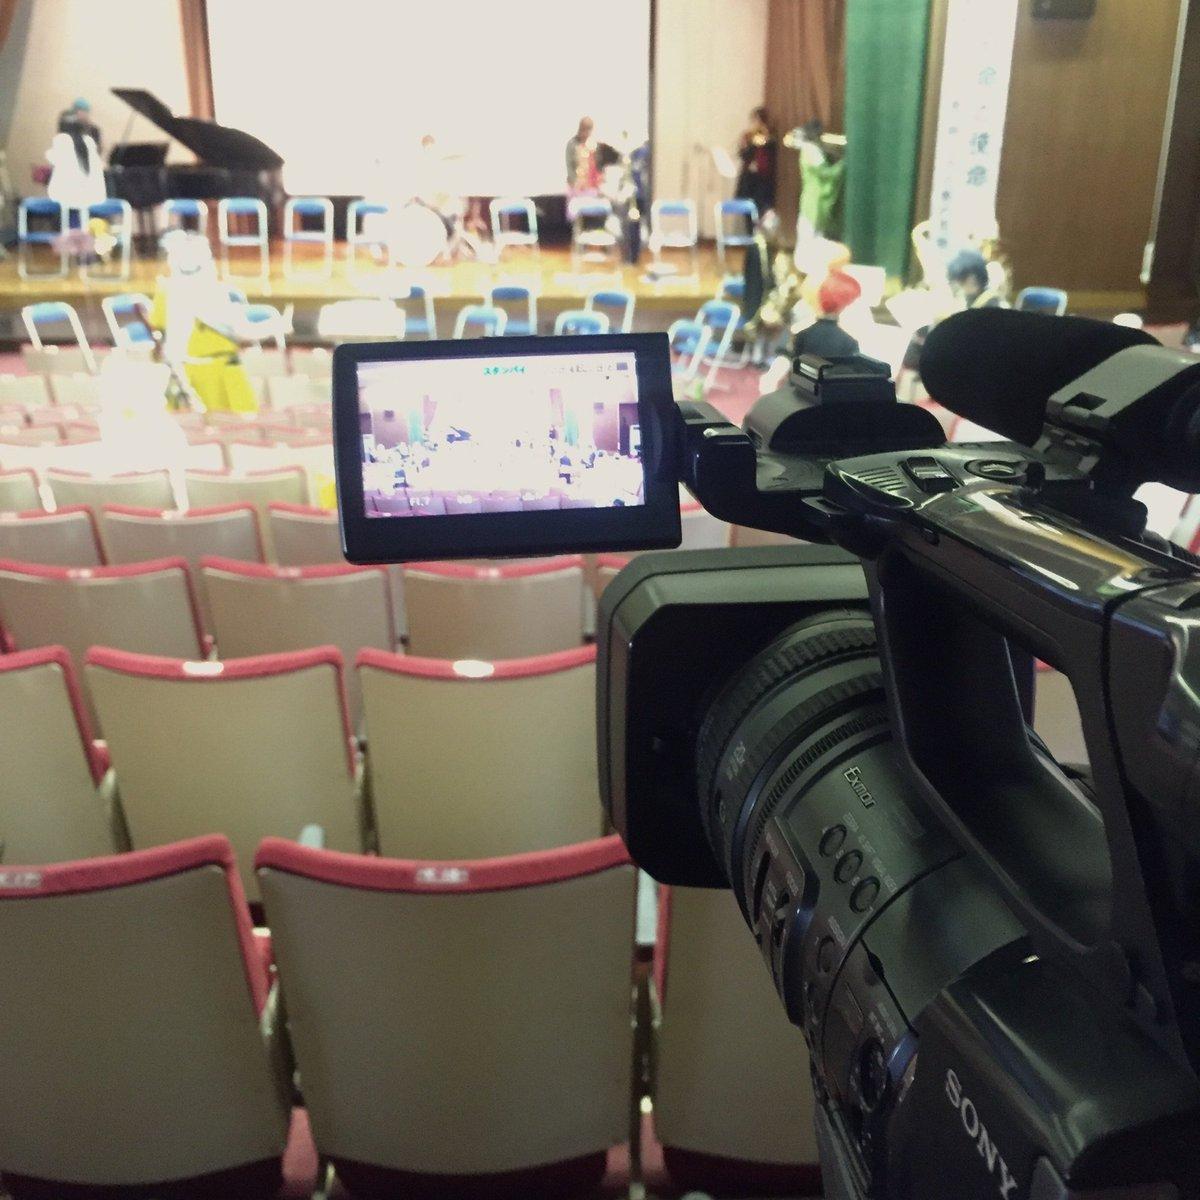 本日とうらぶ吹奏楽企画1日目でした。今日もカメラはまわしましたが、本番の収録は明日。動画収録はやっぱり緊張するw 頑張ります! #とうらぶ吹奏楽企画 https://t.co/keoagPti5e